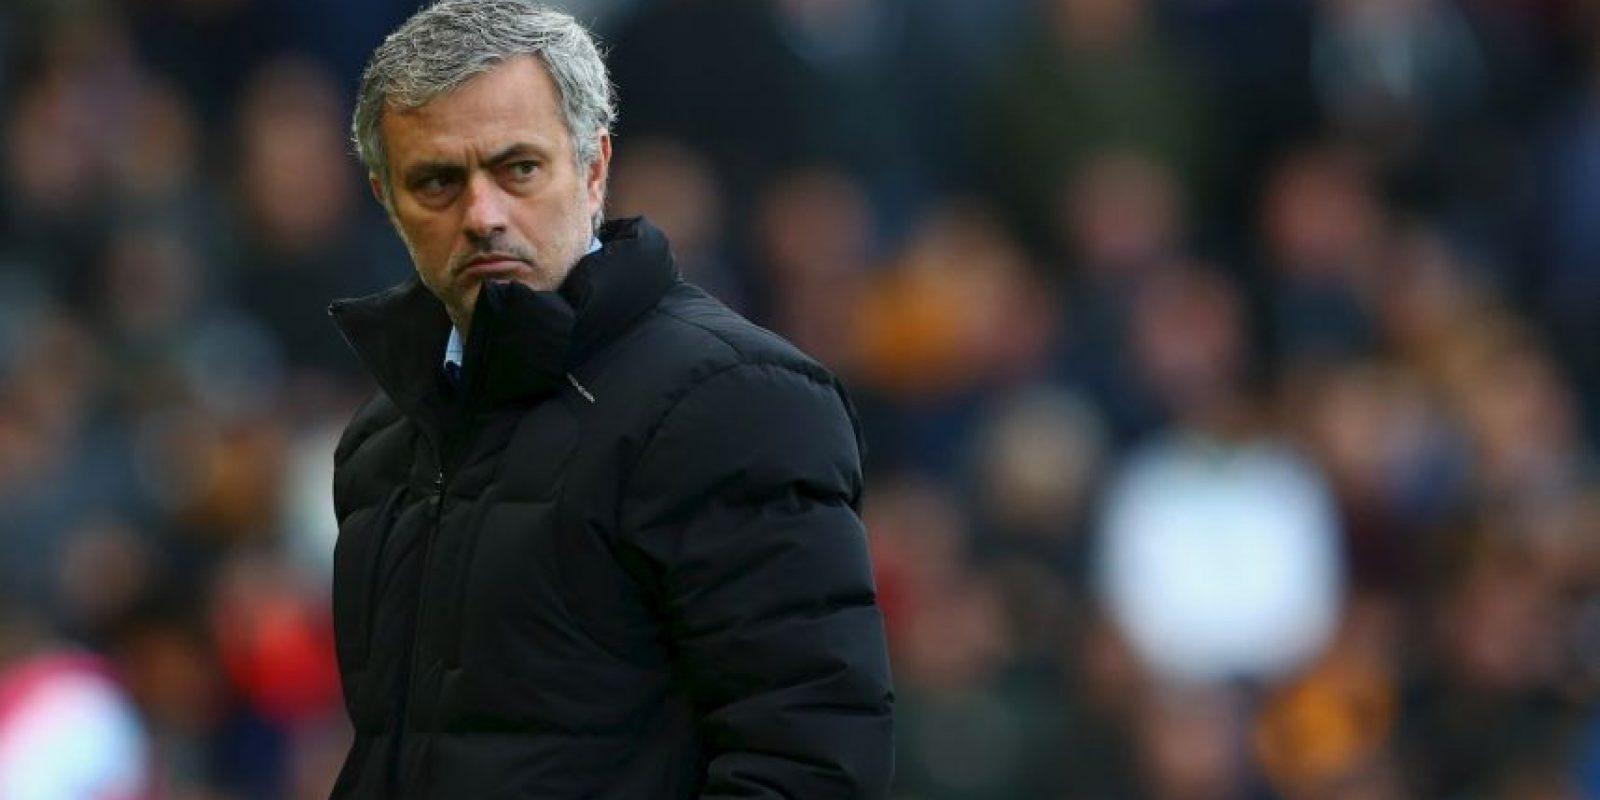 Tomando en cuenta sólo Liga, Copa y Champions, el entrenador portugués tiene 15 campeonatos. Foto:Getty Images